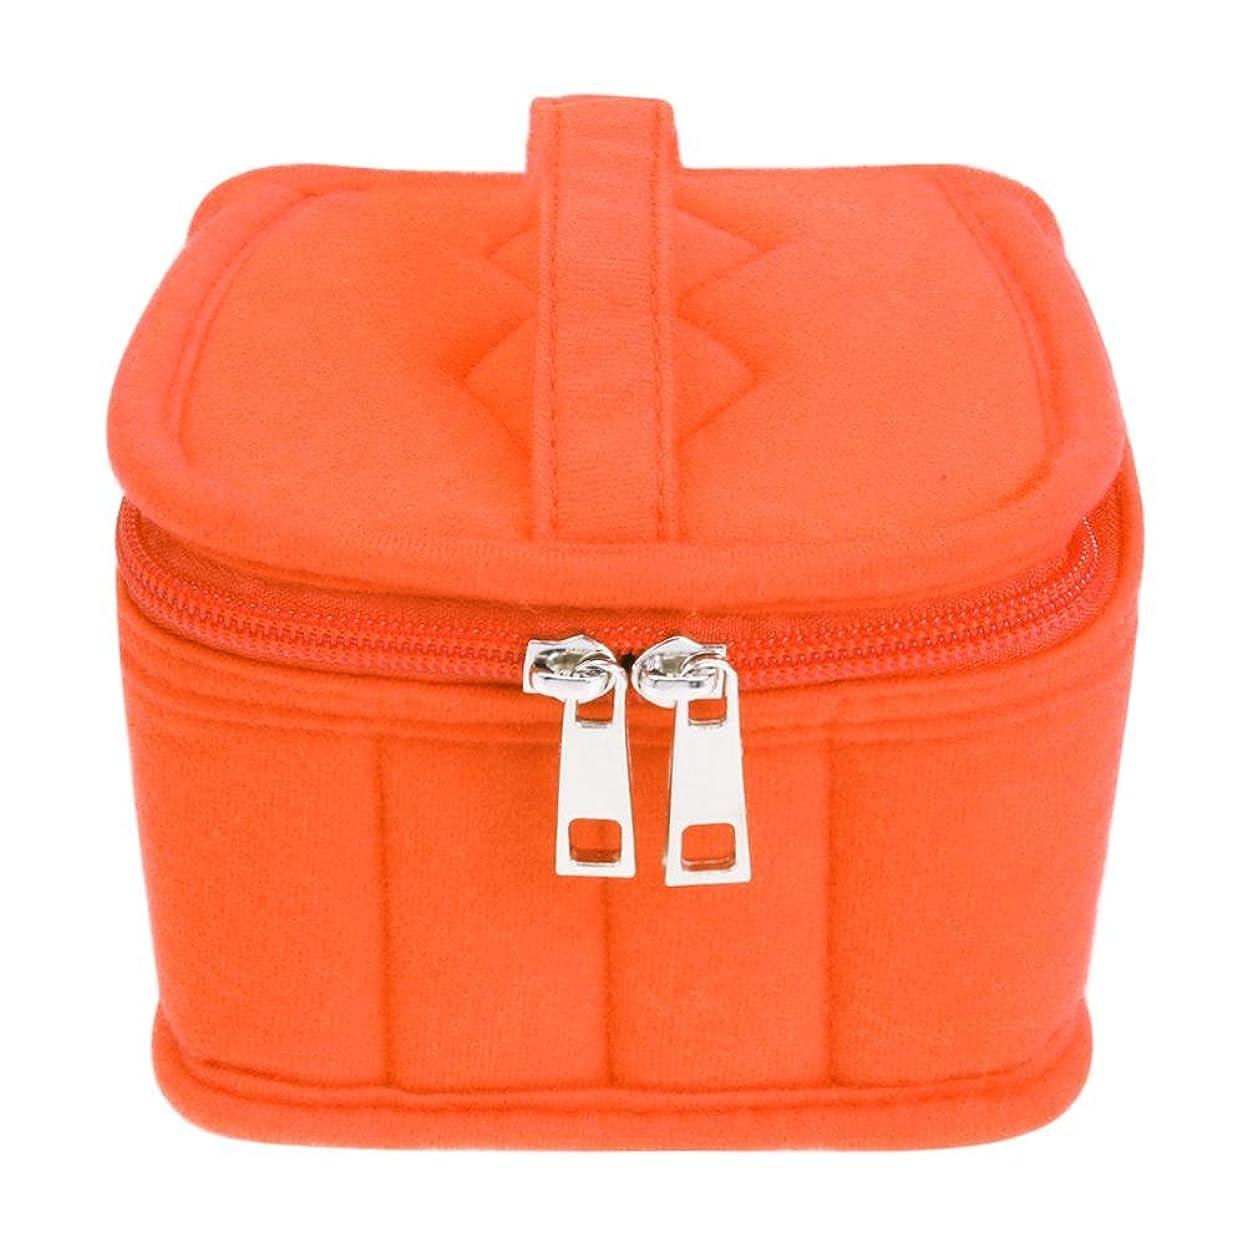 しばしばジョセフバンクス重量Demiawaking 16本用 エッセンシャルオイル収納ケース 携帯用化粧バッグ アロマケース 精油 ボックス アロマオイルポーチ 精油 ケース ミニボトルケース 耐震 ふわふわ(ぶら下がりタグなし)15ML オレンジ